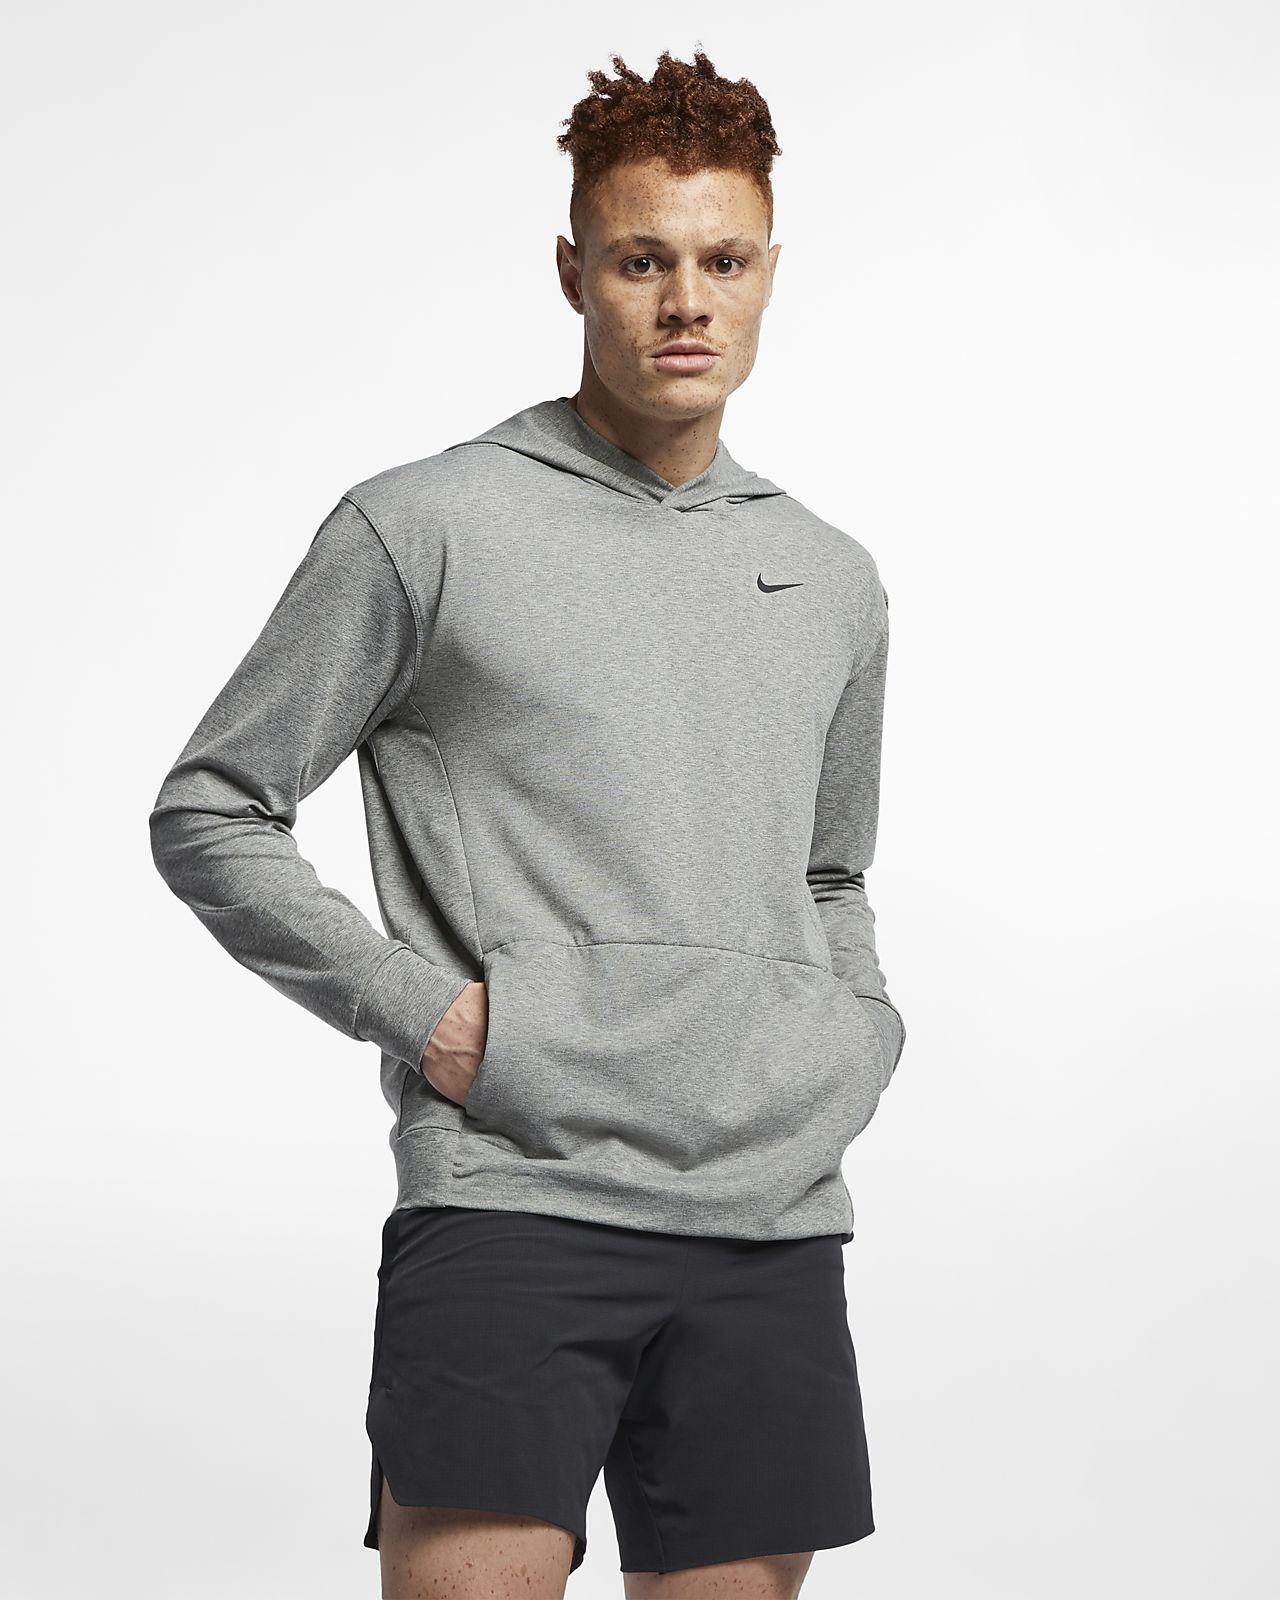 Pánská tréninková mikina na jógu Nike Dri-FIT s kapucí